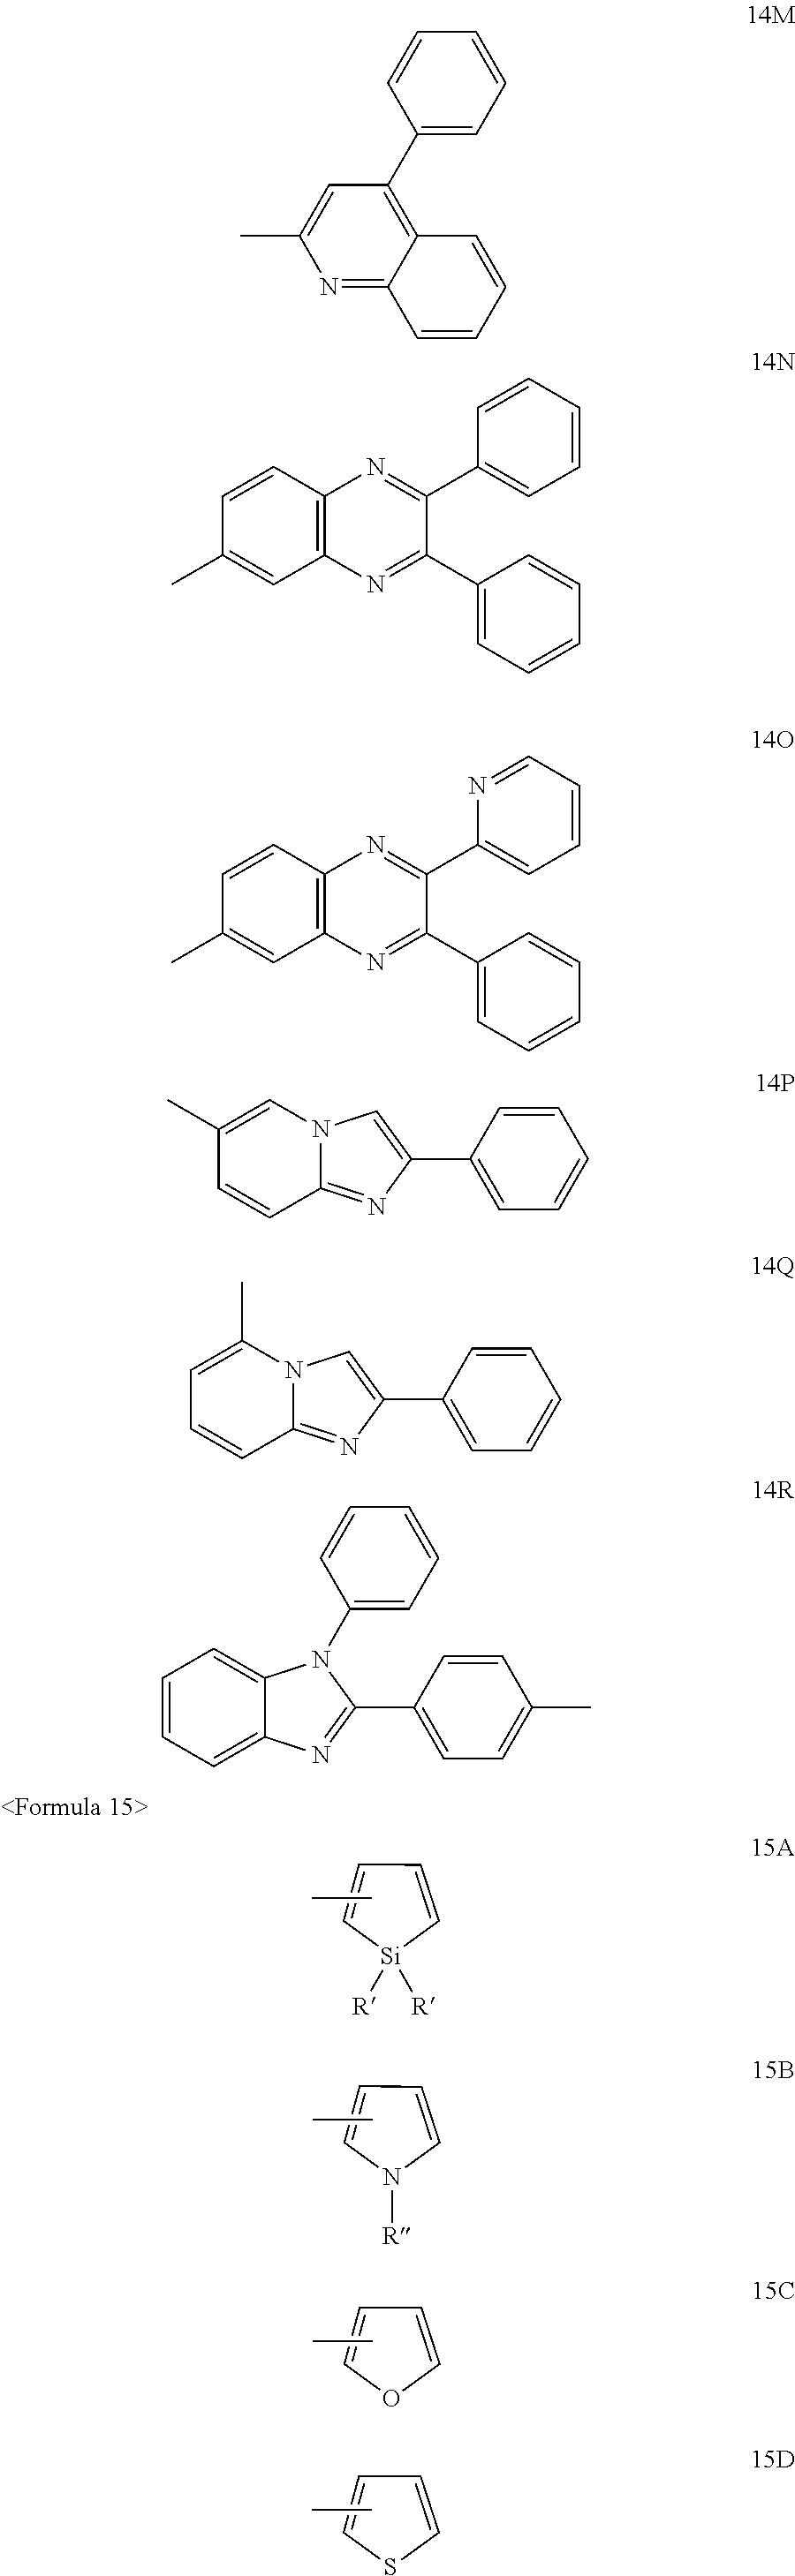 Figure US07875367-20110125-C00023